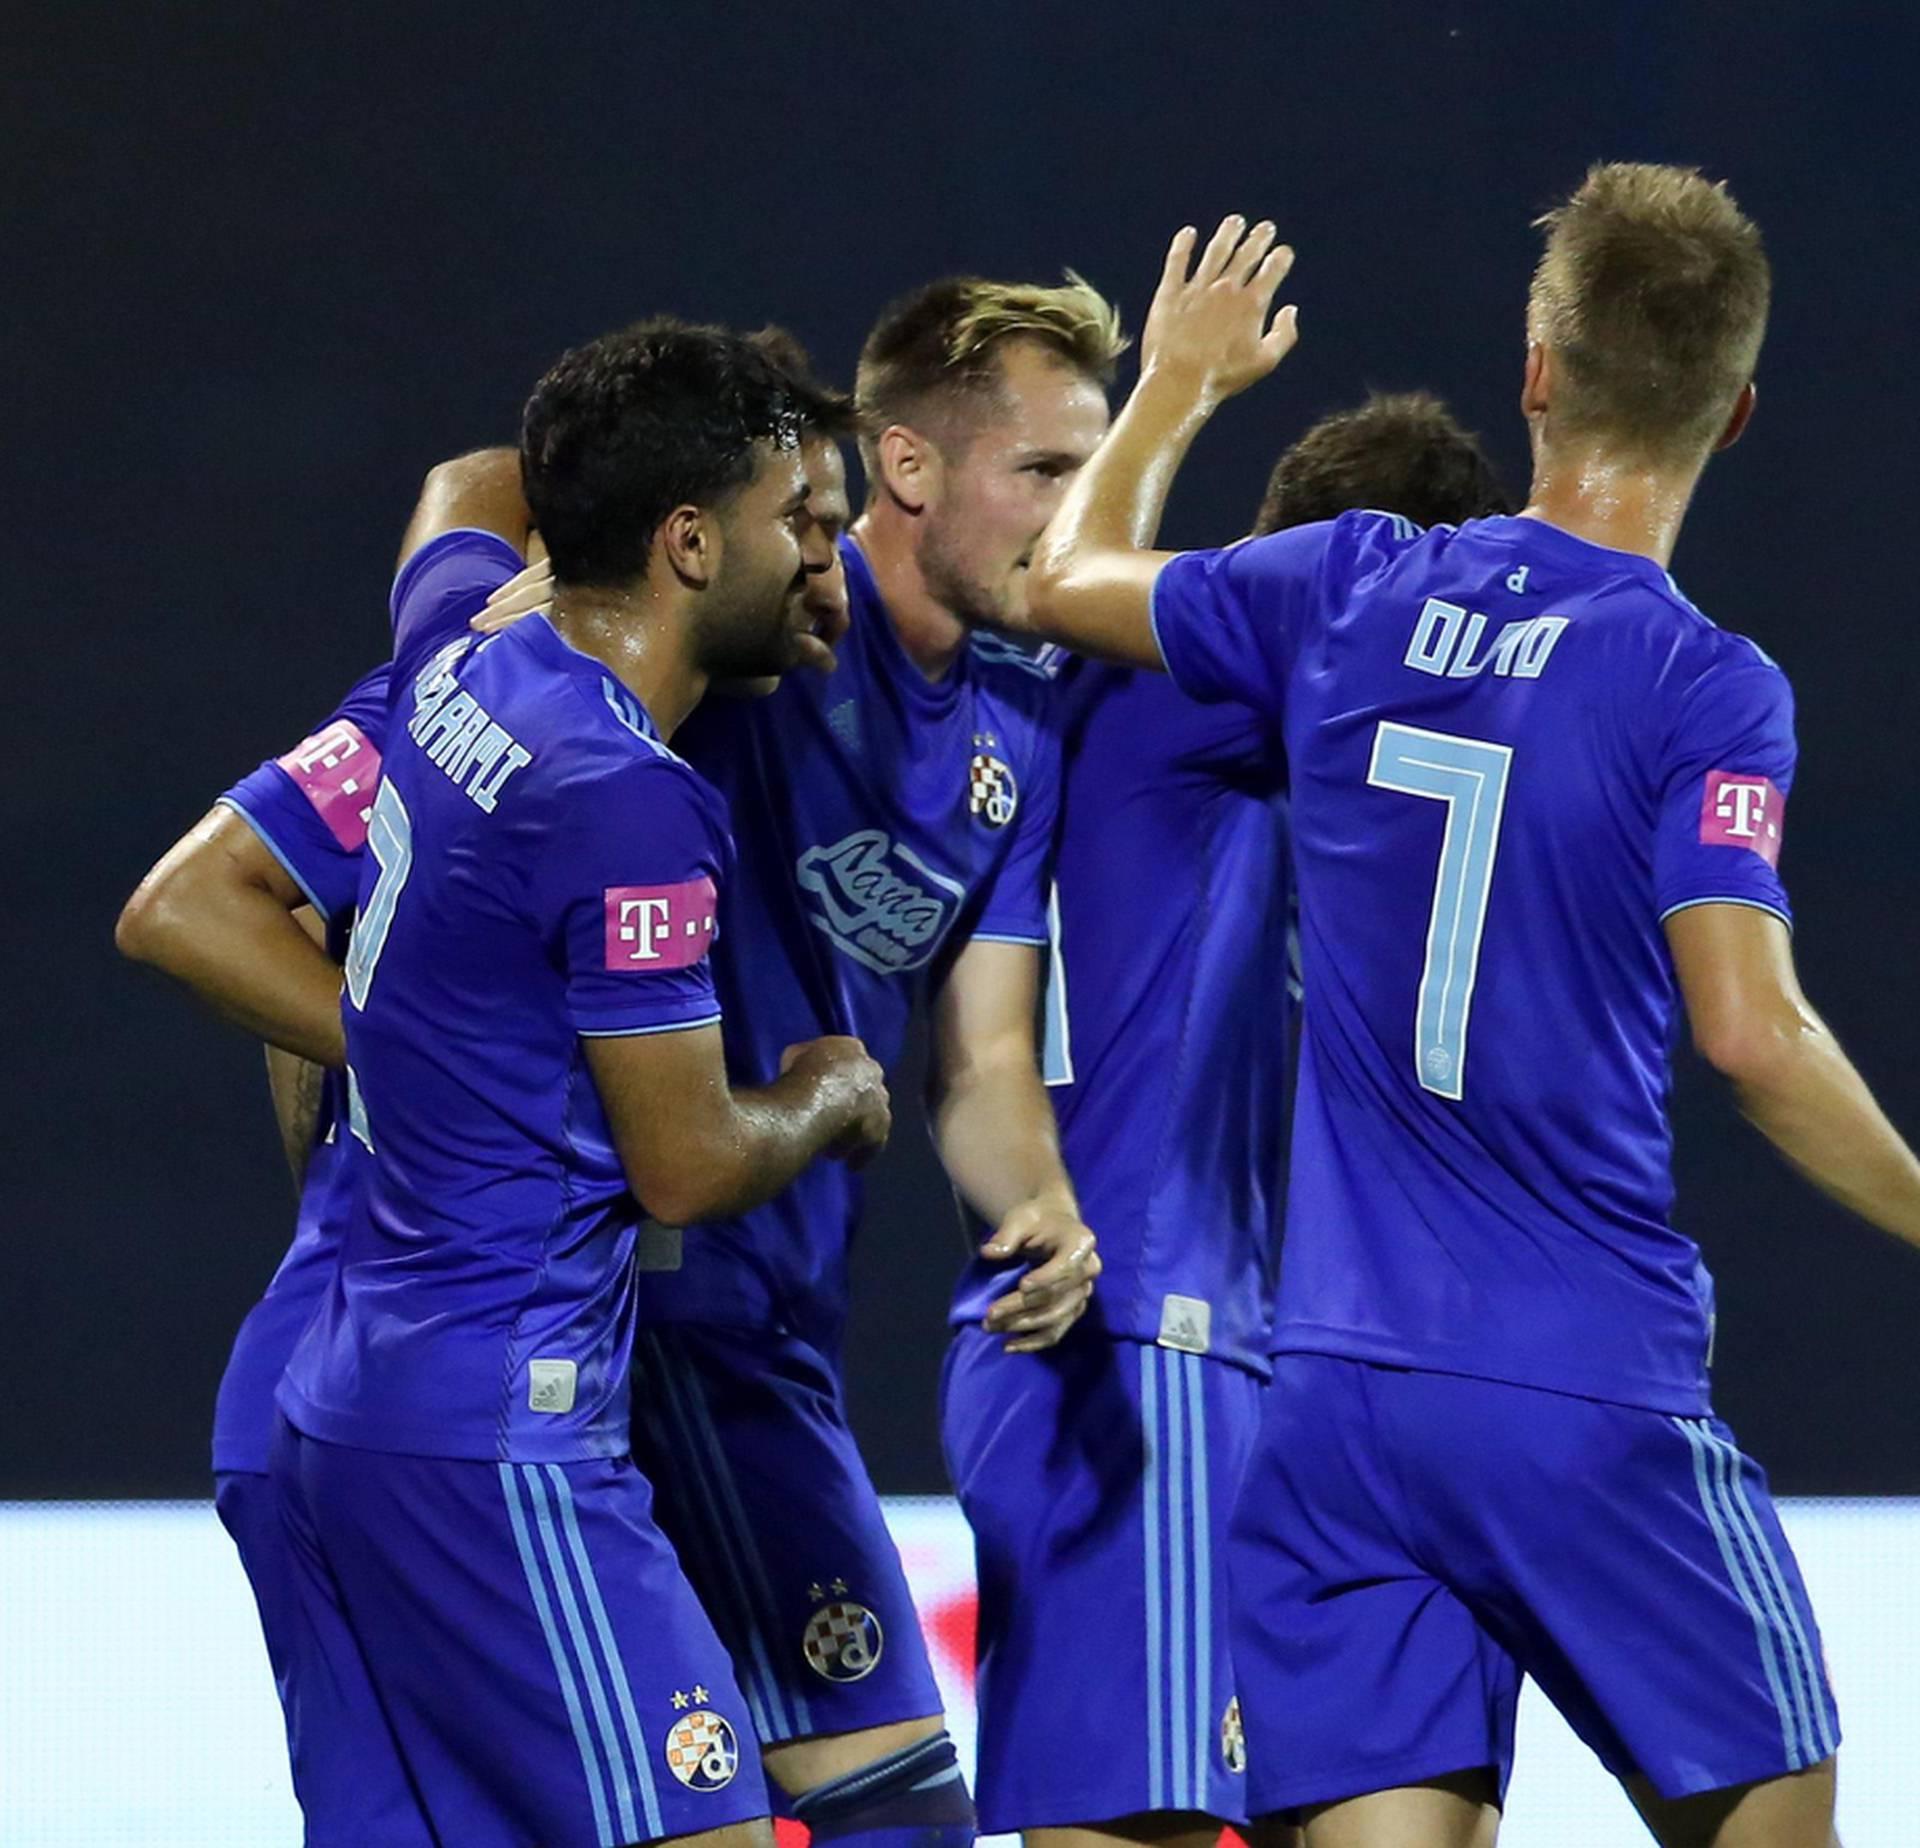 Zagreb: Susret Dinama i Istre u 2. kolu Hrvatski Telekom Prve lige